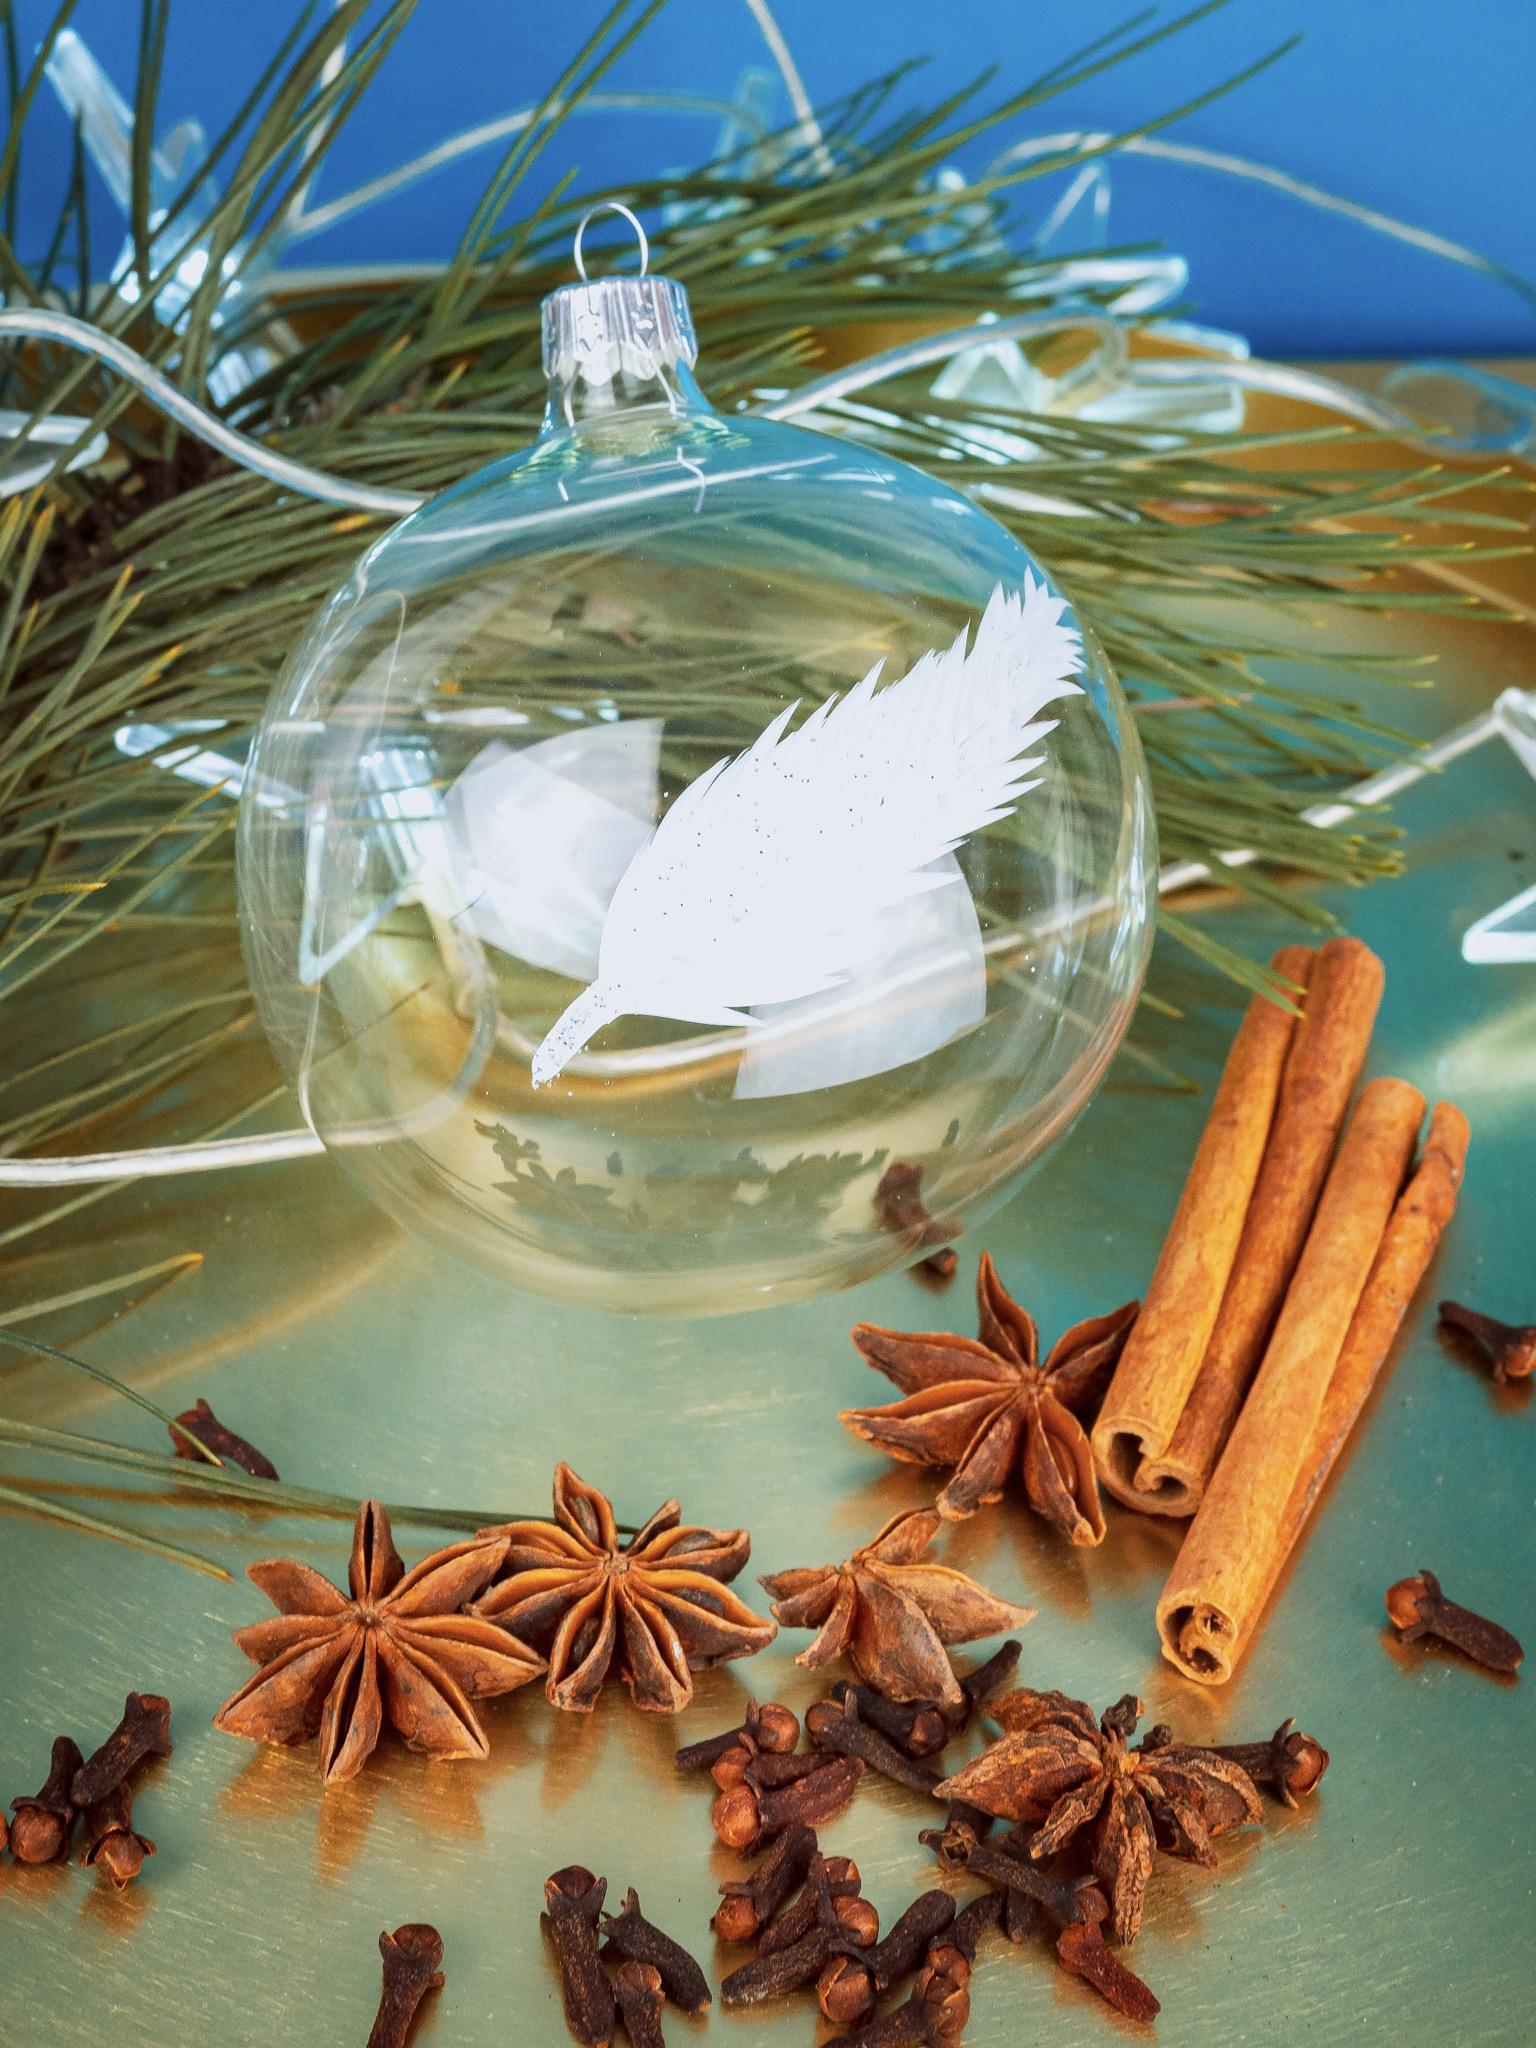 Szkłem i zapachem - warsztaty świąteczne. Gliwice